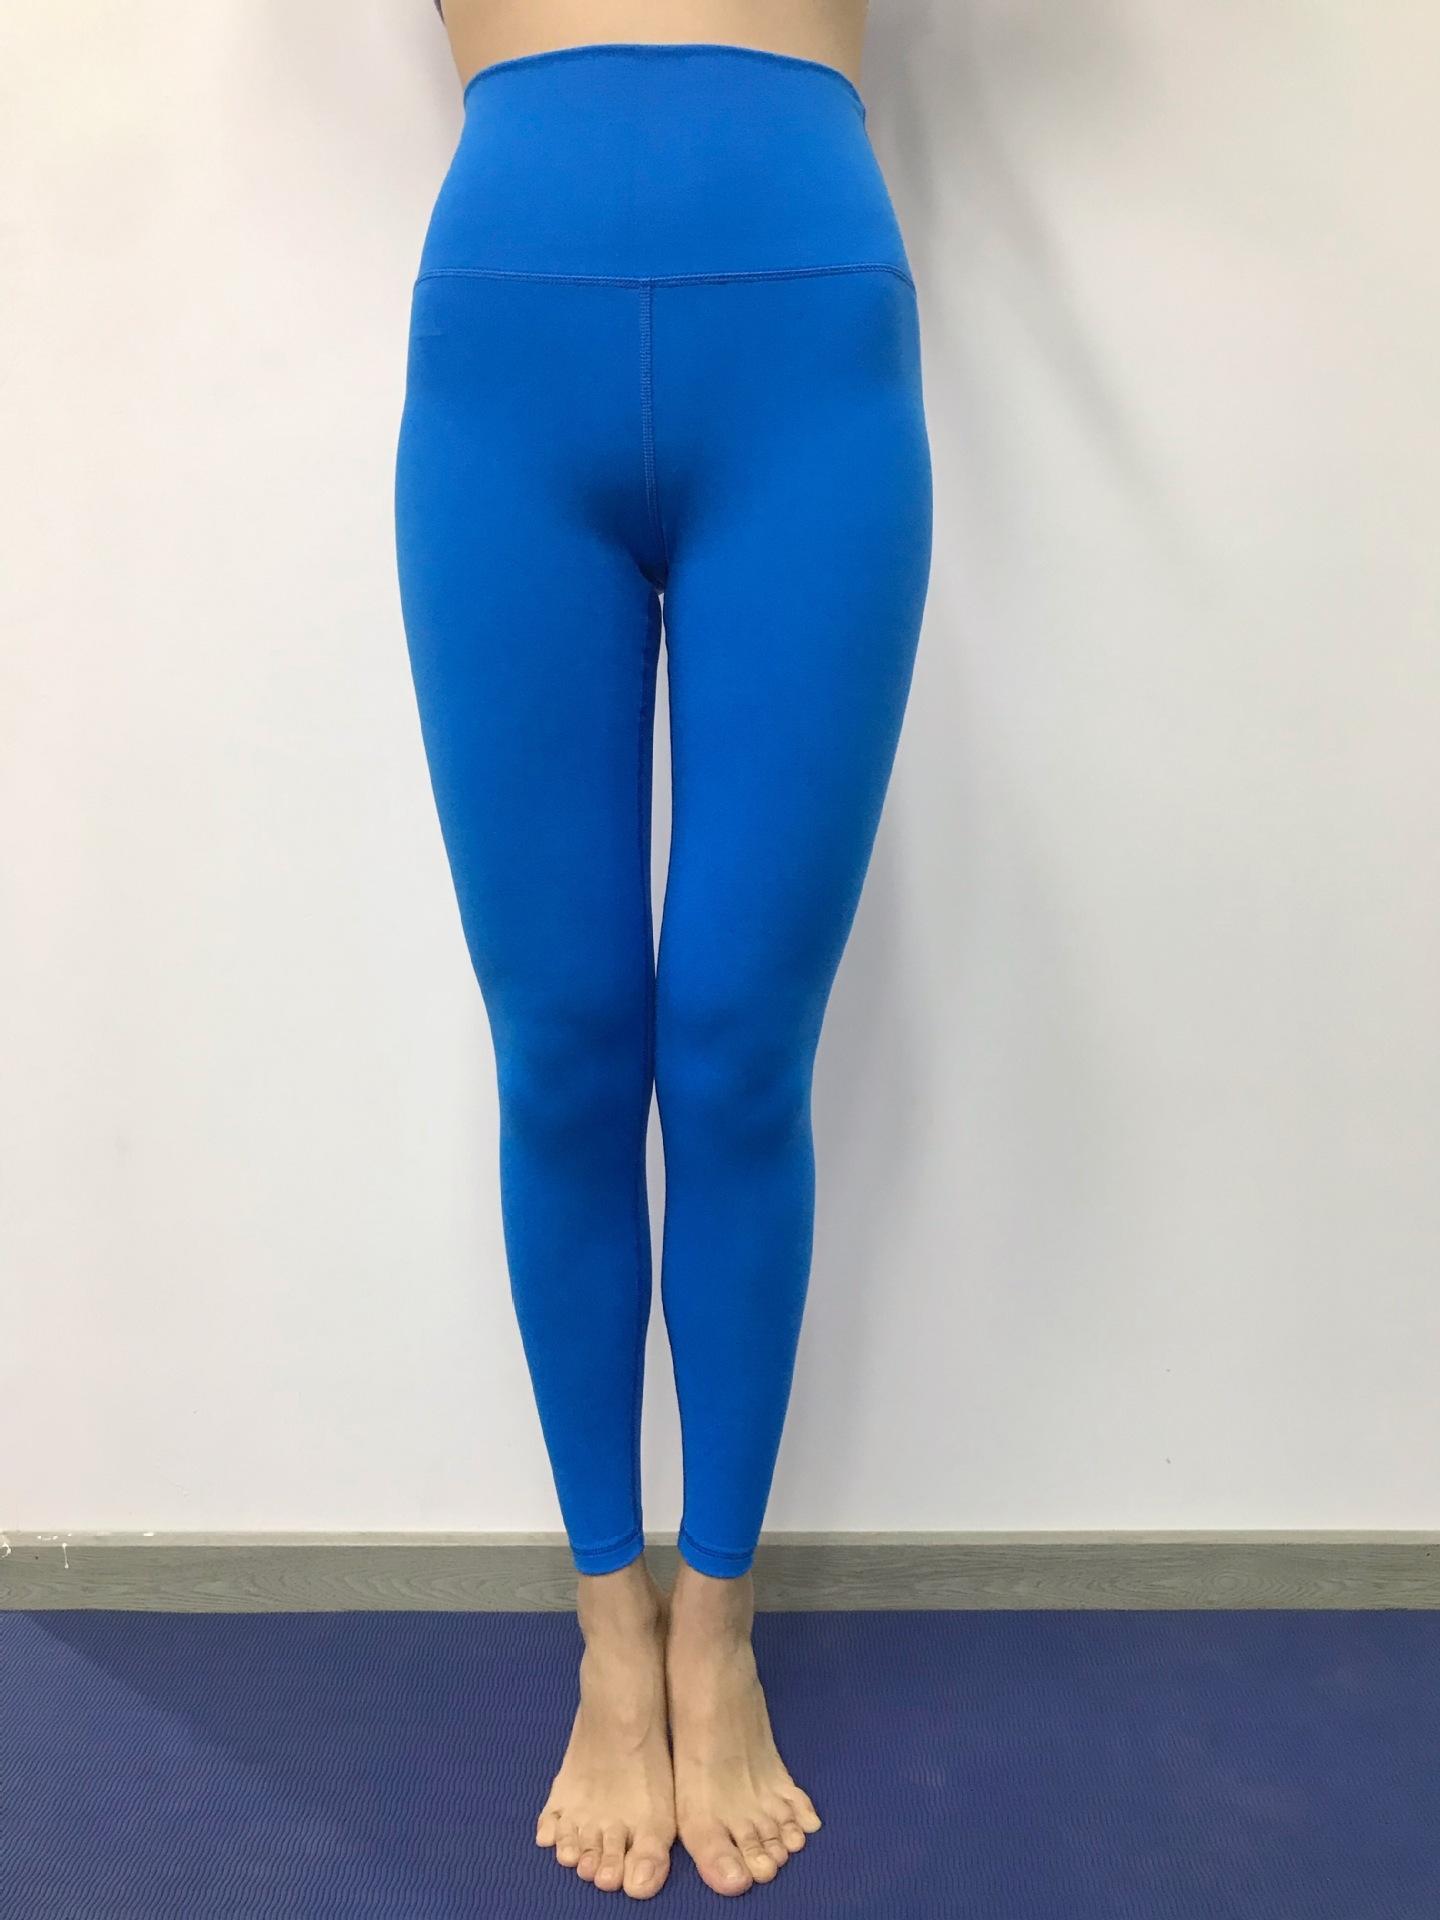 Fitness-Königin elastischer Sport Fitness enge Hosen Kleidung Herbst und Winter New enger Bauch hoch Taillengamaschen Yoga Sport kUwPK Yoga Od1Te